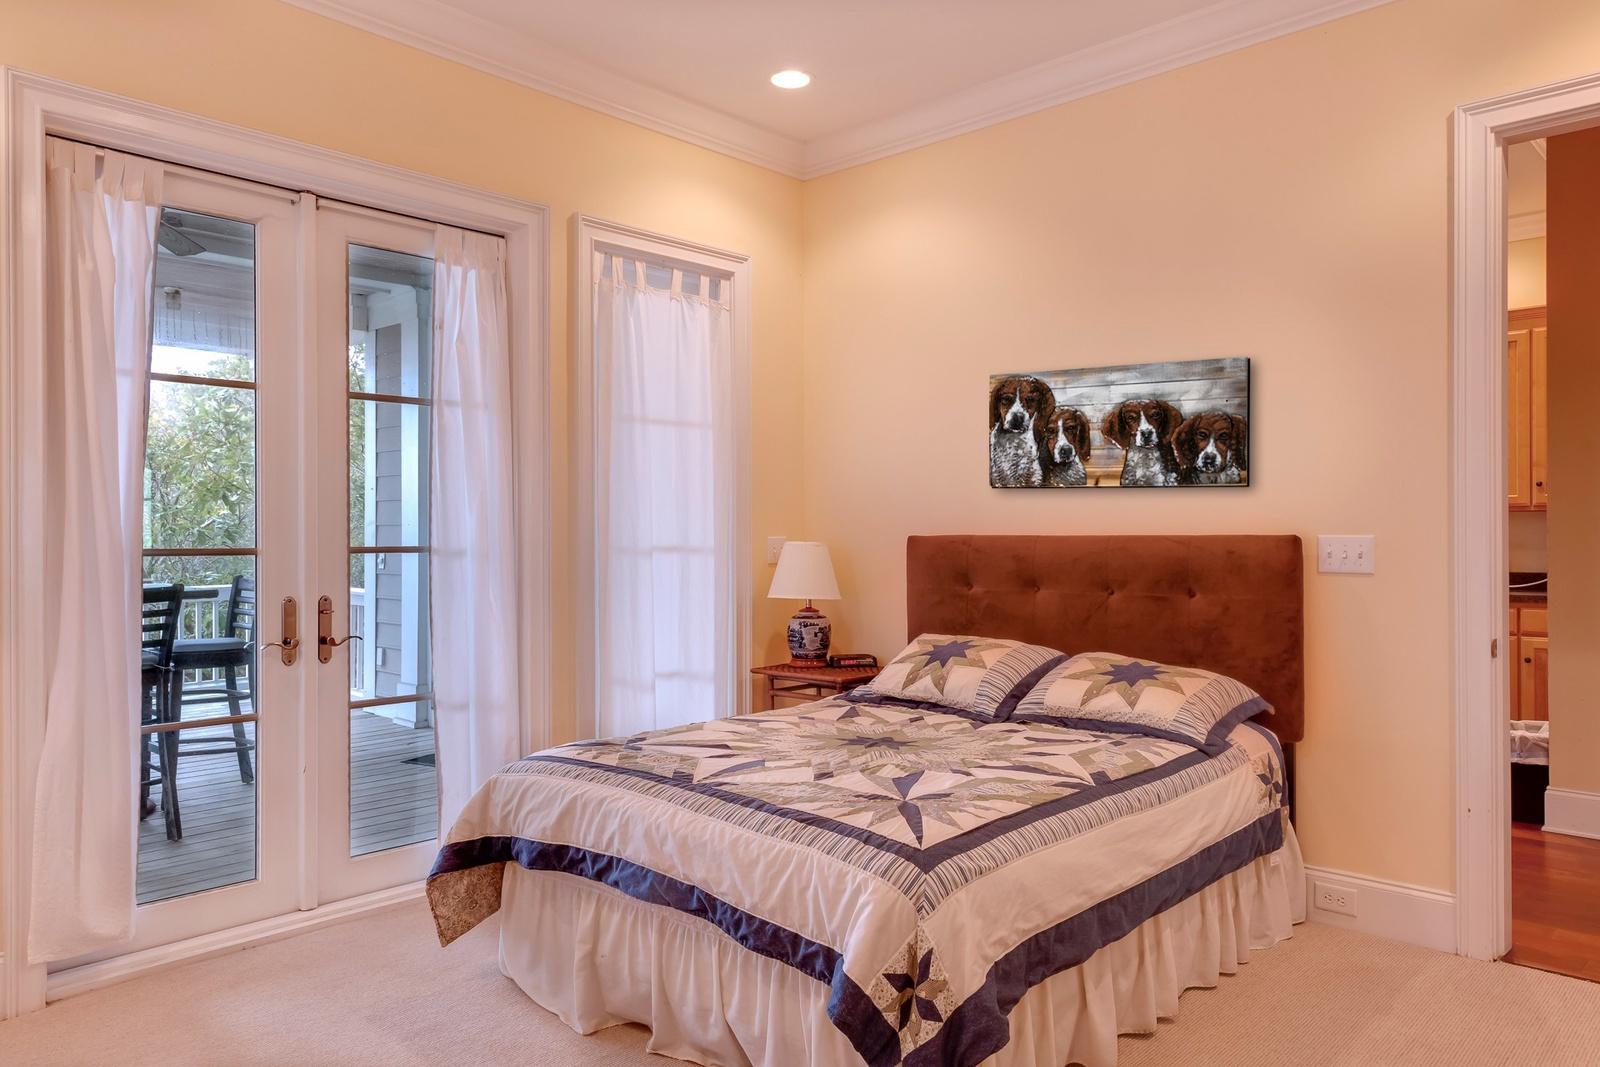 ехать цвета стен для спальни под покраску фото будет квалификационный раунд